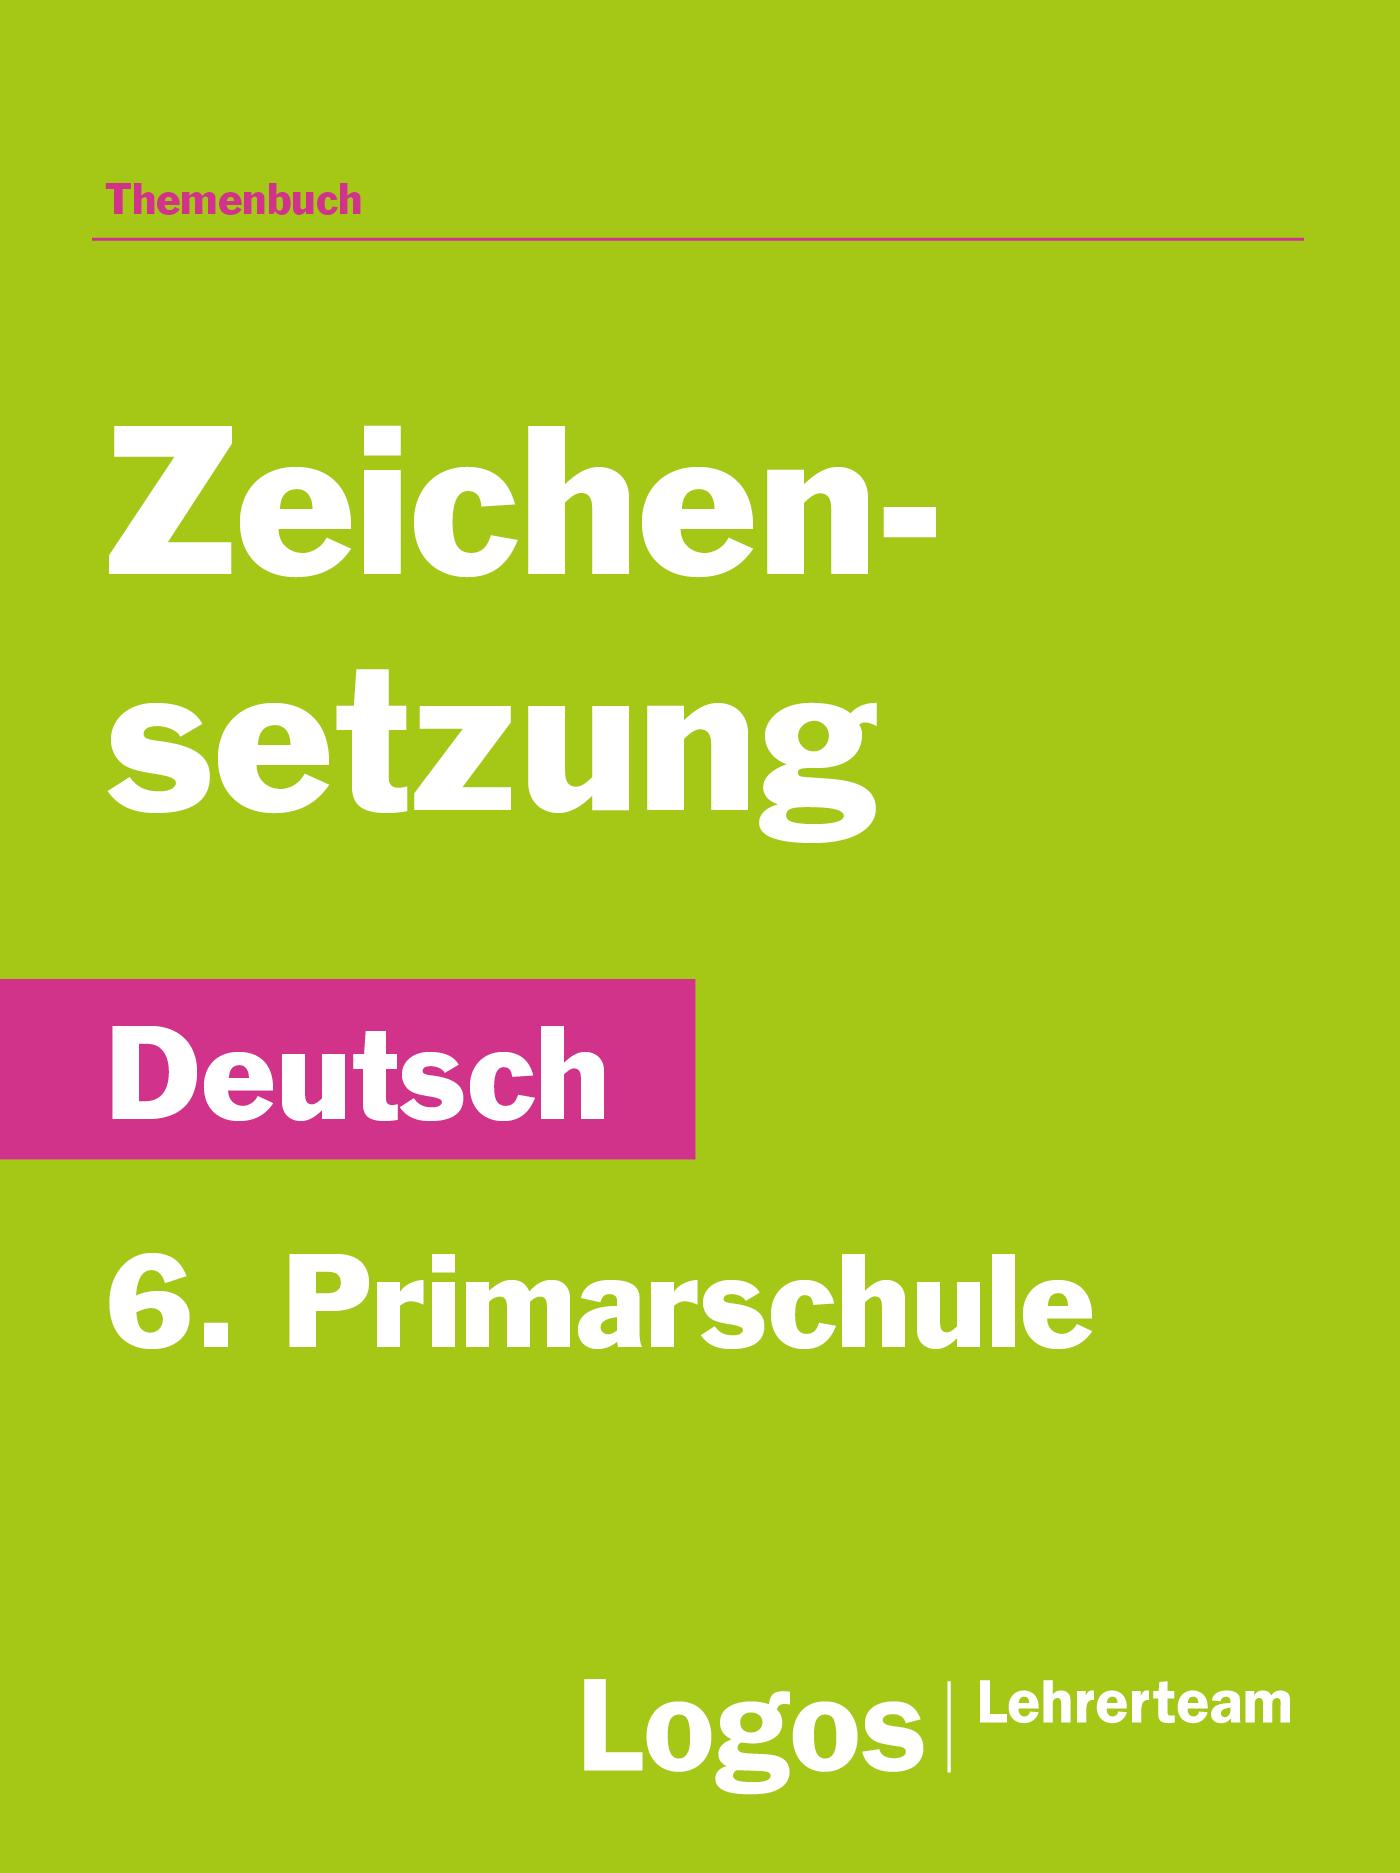 Deutsch Zeichensetzung - 6. Primarschule